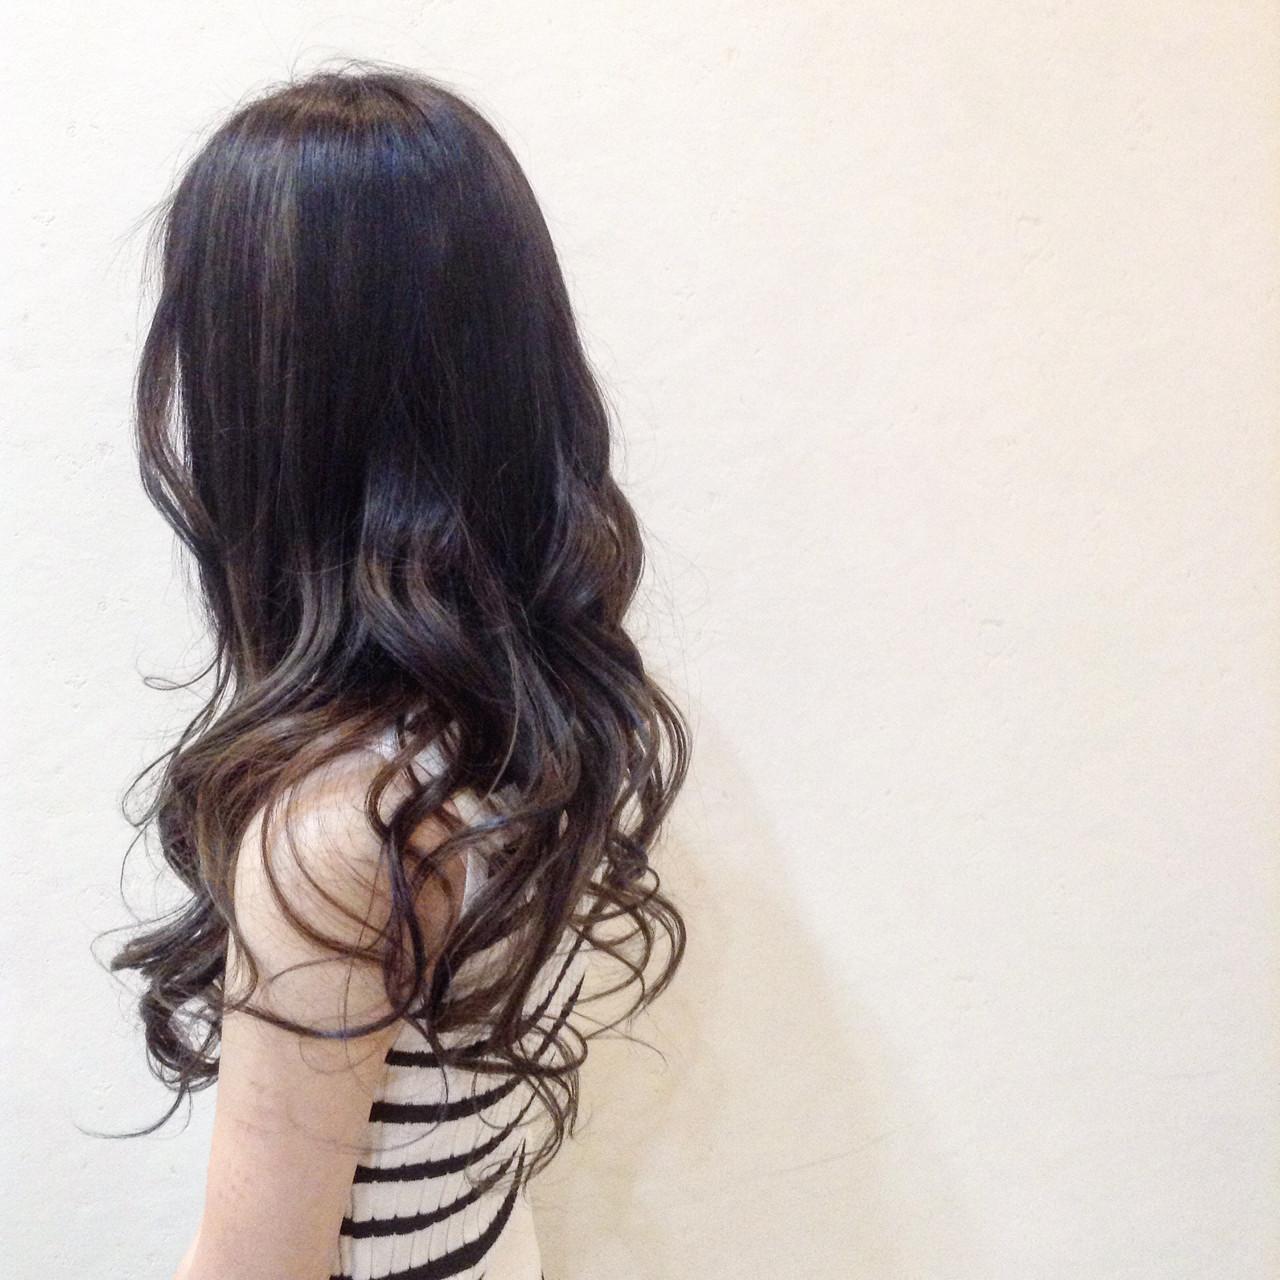 バレイヤージュがポイントのナチュラルな暗髪ロングヘア ササキ トモシCecil hair 札幌店